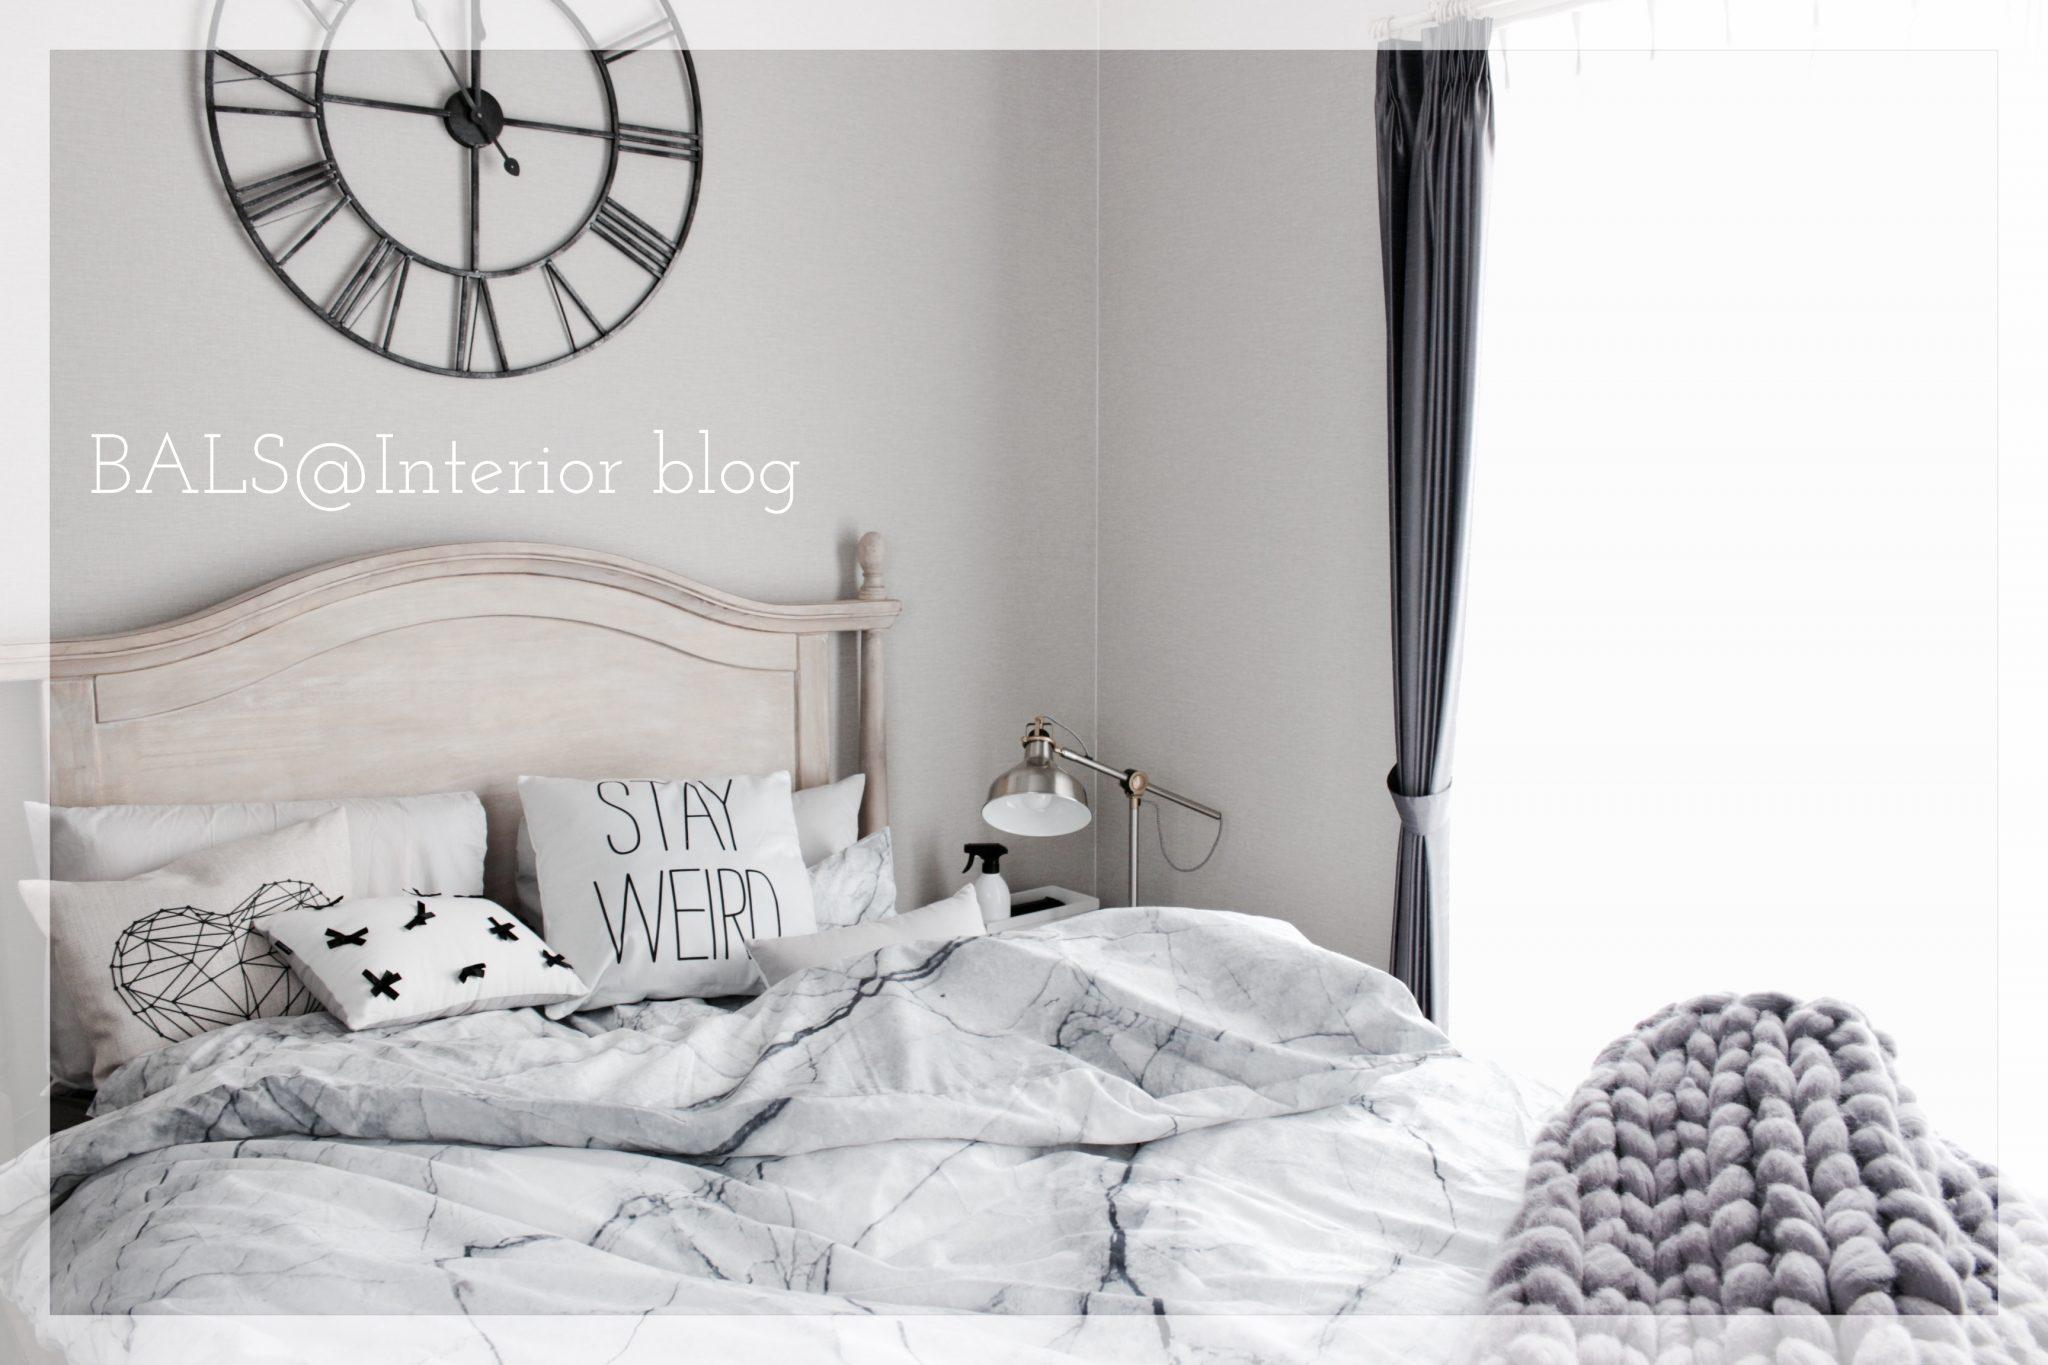 《寝室*インテリア》オシャレなベッドカバー&ちょっとした模様替え*